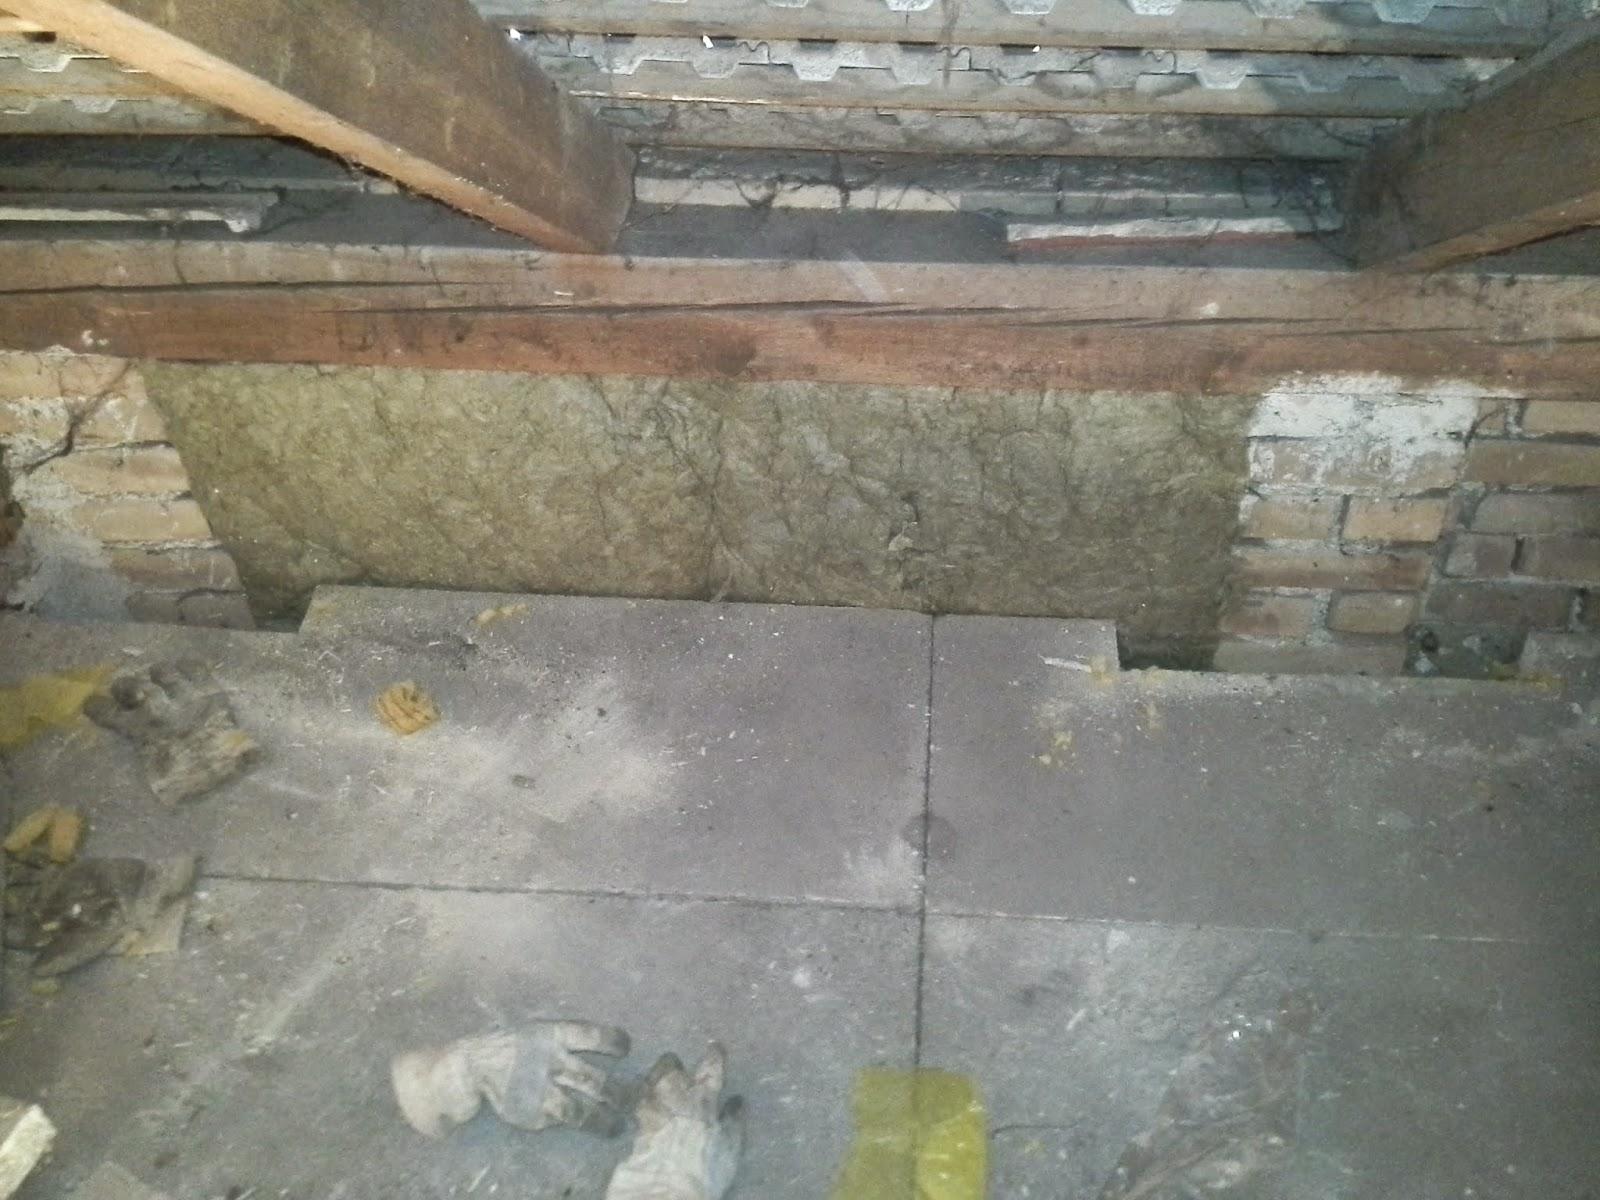 Holz und metall ein heimwerkerblog d mmen teil 2 kniestock - Innenwand dammen mit steinwolle ...